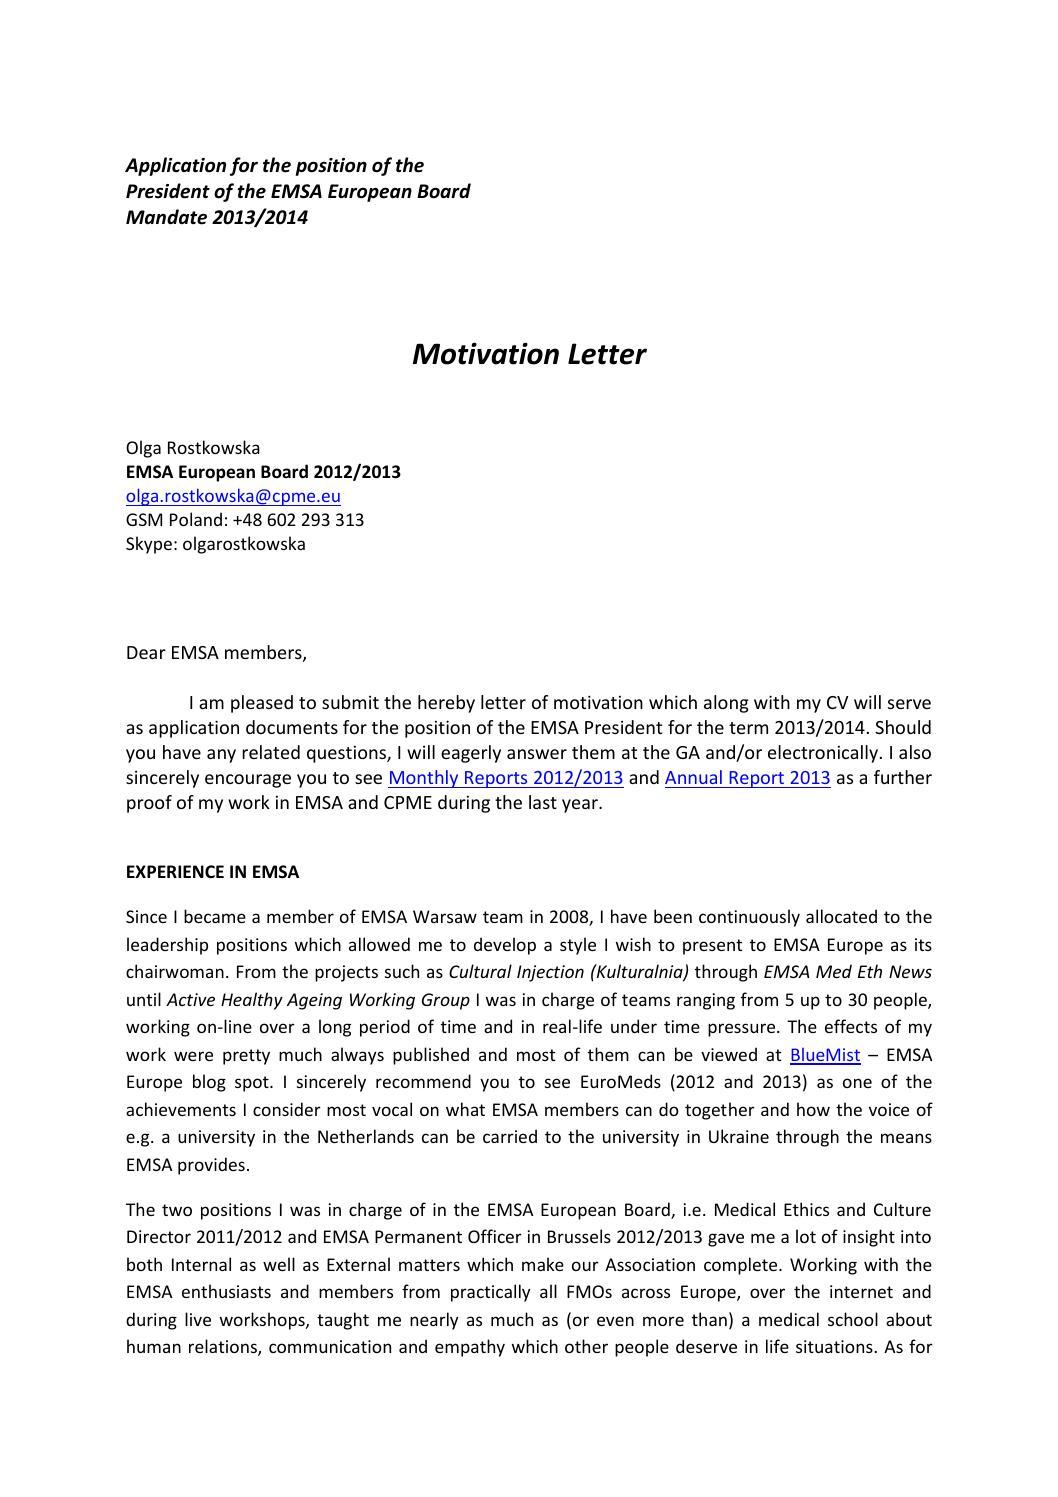 Motivation Letter Emsa Presidency 2013 2014 Olga Rostkowska By EMSA Europe Issuu